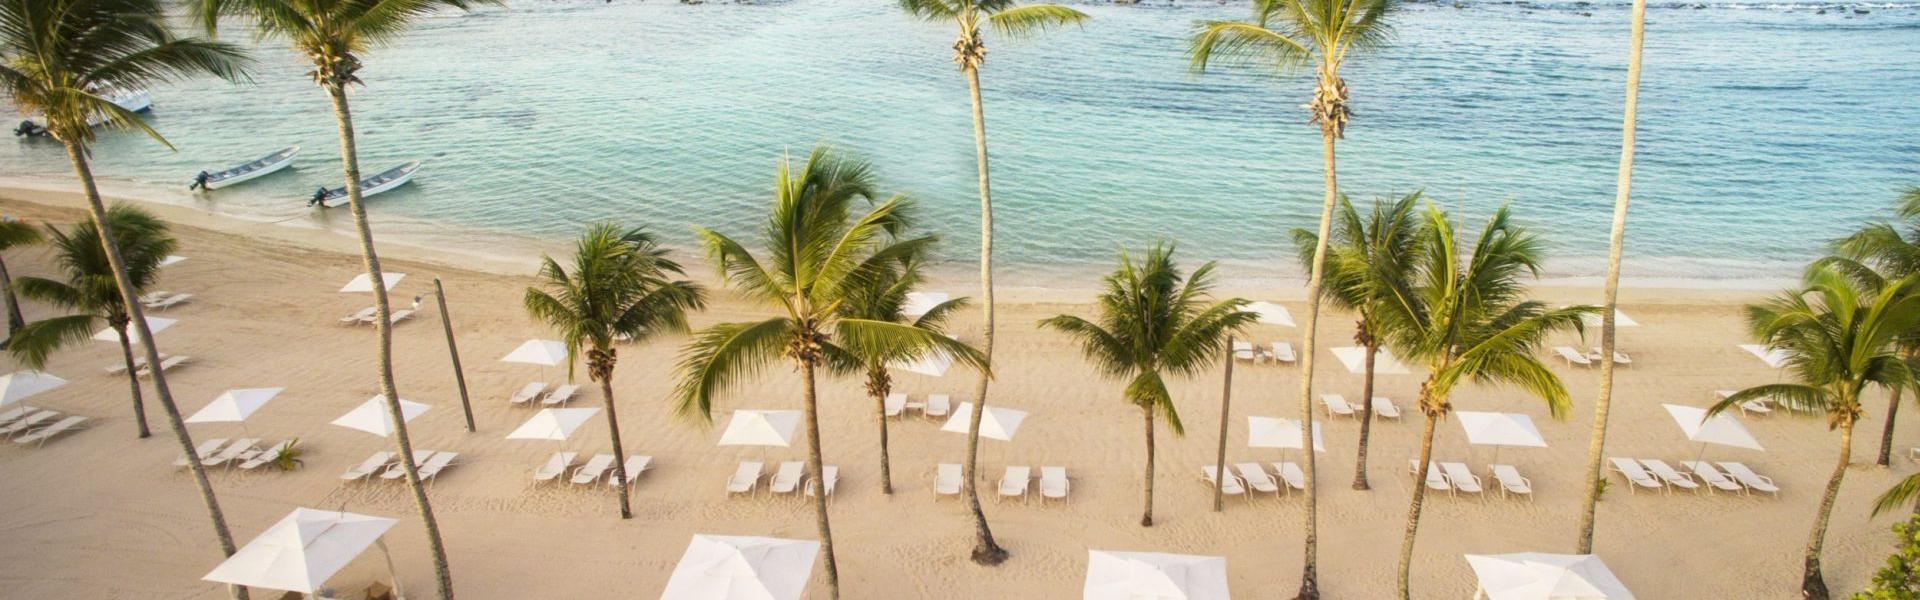 Dominikai utazások